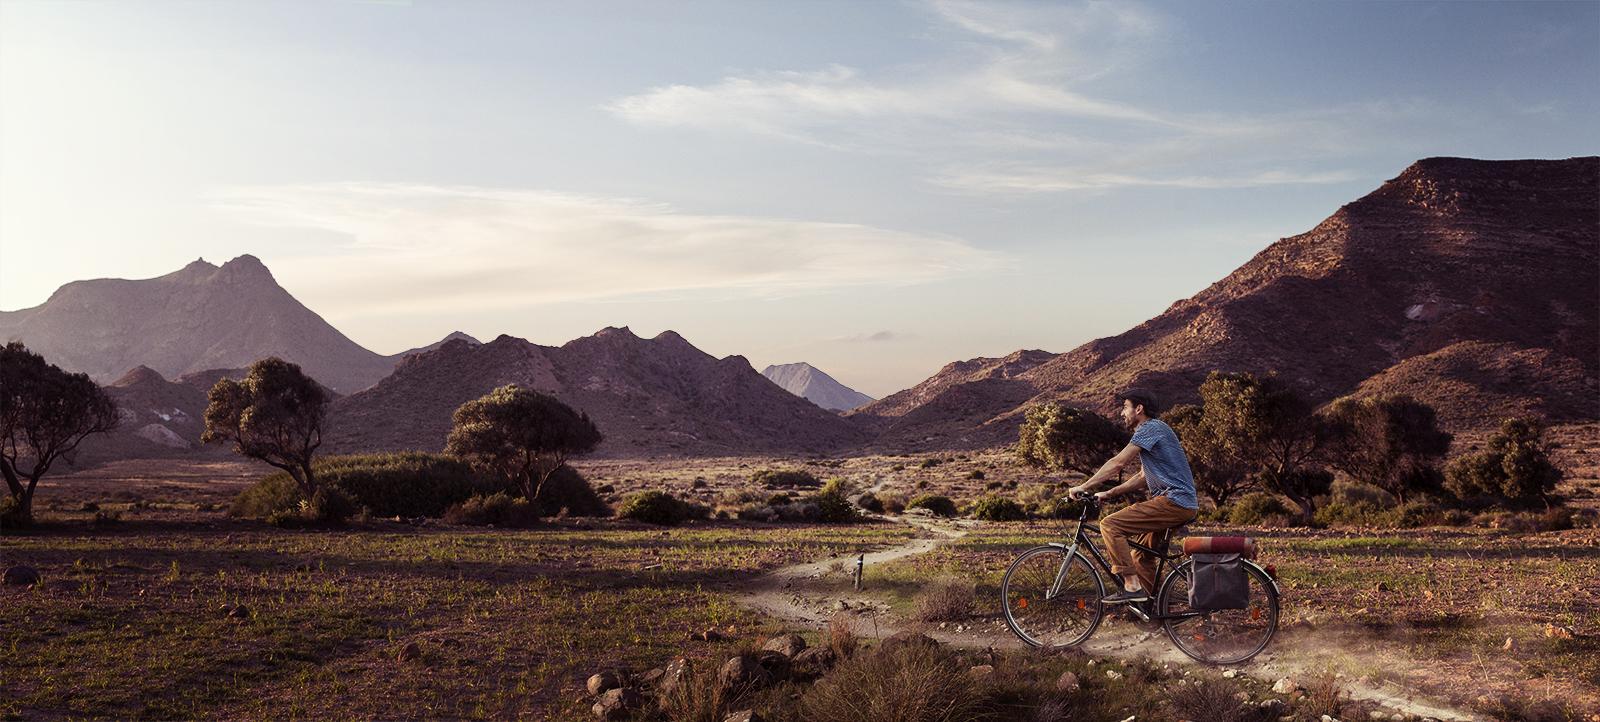 bike_xabier aldazabal photo.jpg